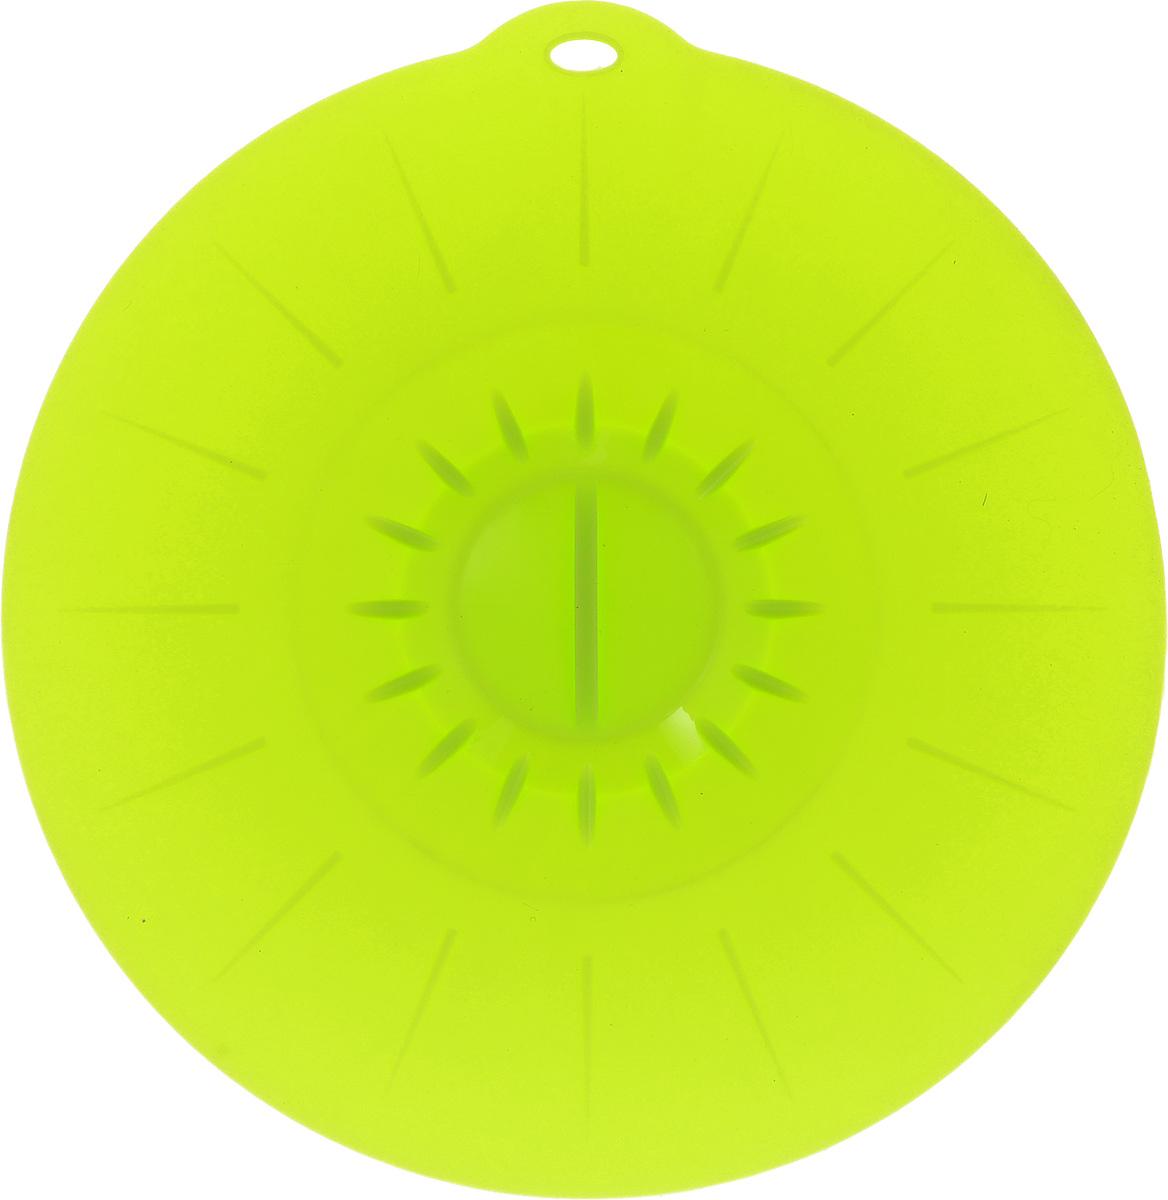 Крышка вакуумная Идея, силиконовая, цвет: салатовый. Диаметр 26 смKRY-26_салатовыйВакуумная крышка Идея, выполненная из пищевого силикона, предназначена для герметичного закрытия любой посуды. Крышка плотно прилегает к краям емкости, ограничивая доступ воздуха внутрь, благодаря этому ваши продукты останутся свежими гораздо дольше. Основные свойства: - выдерживает температуру от -40°С до +240°С, - невозможно разбить, - легко моется, - не деформируется при хранении в свернутом виде, - имеет долгий срок службы, сохраняя свой первоначальный вид, - не выделяет вредных веществ при нагревании или охлаждении, - не впитывает запахи, - не вступает в химическую реакцию с продуктами, - безопасна при использовании в микроволновой печи, в духовке и морозильной камере.Такая крышка станет незаменимым помощником на вашей кухне.